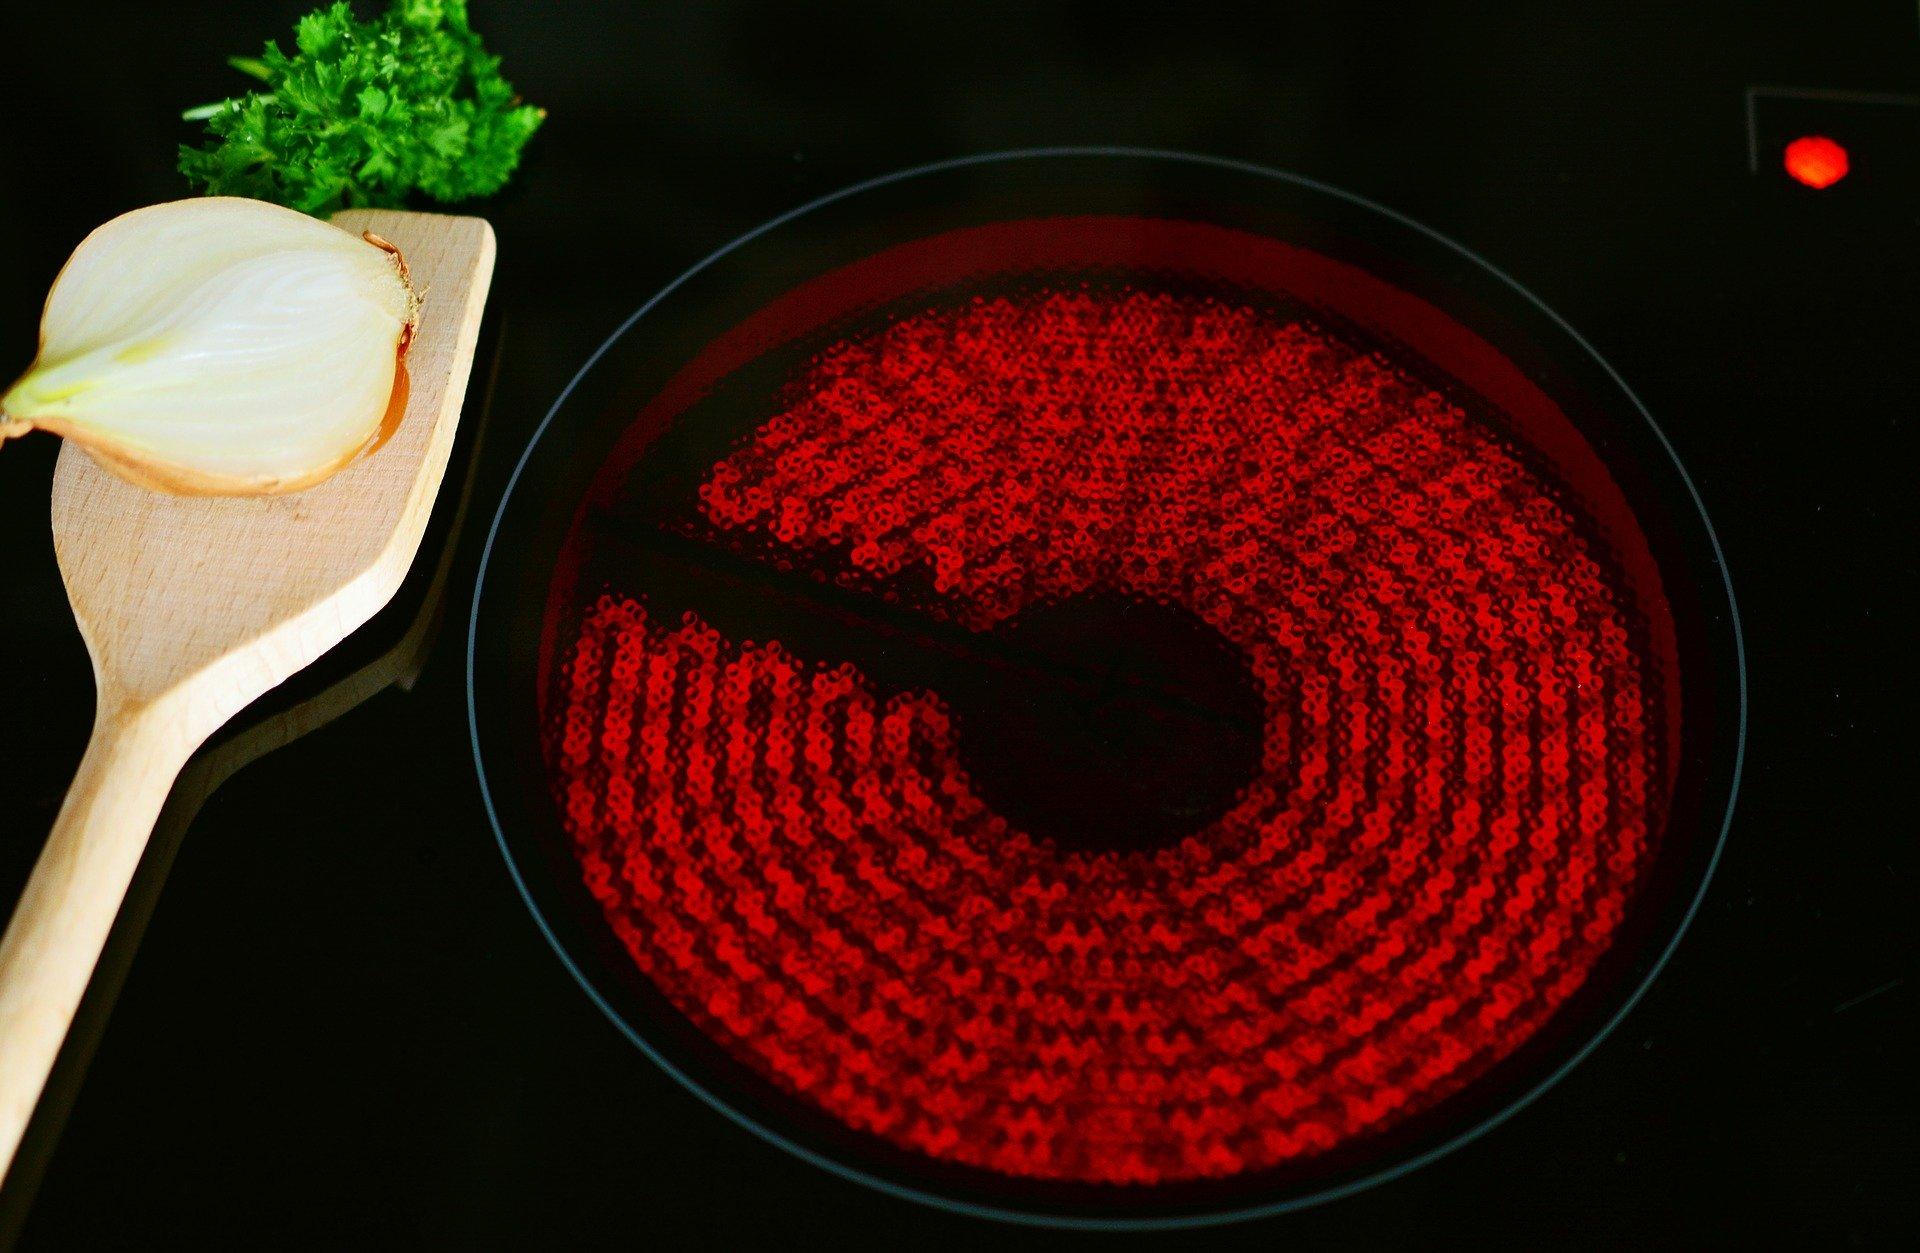 cocina de induccion fuego calor